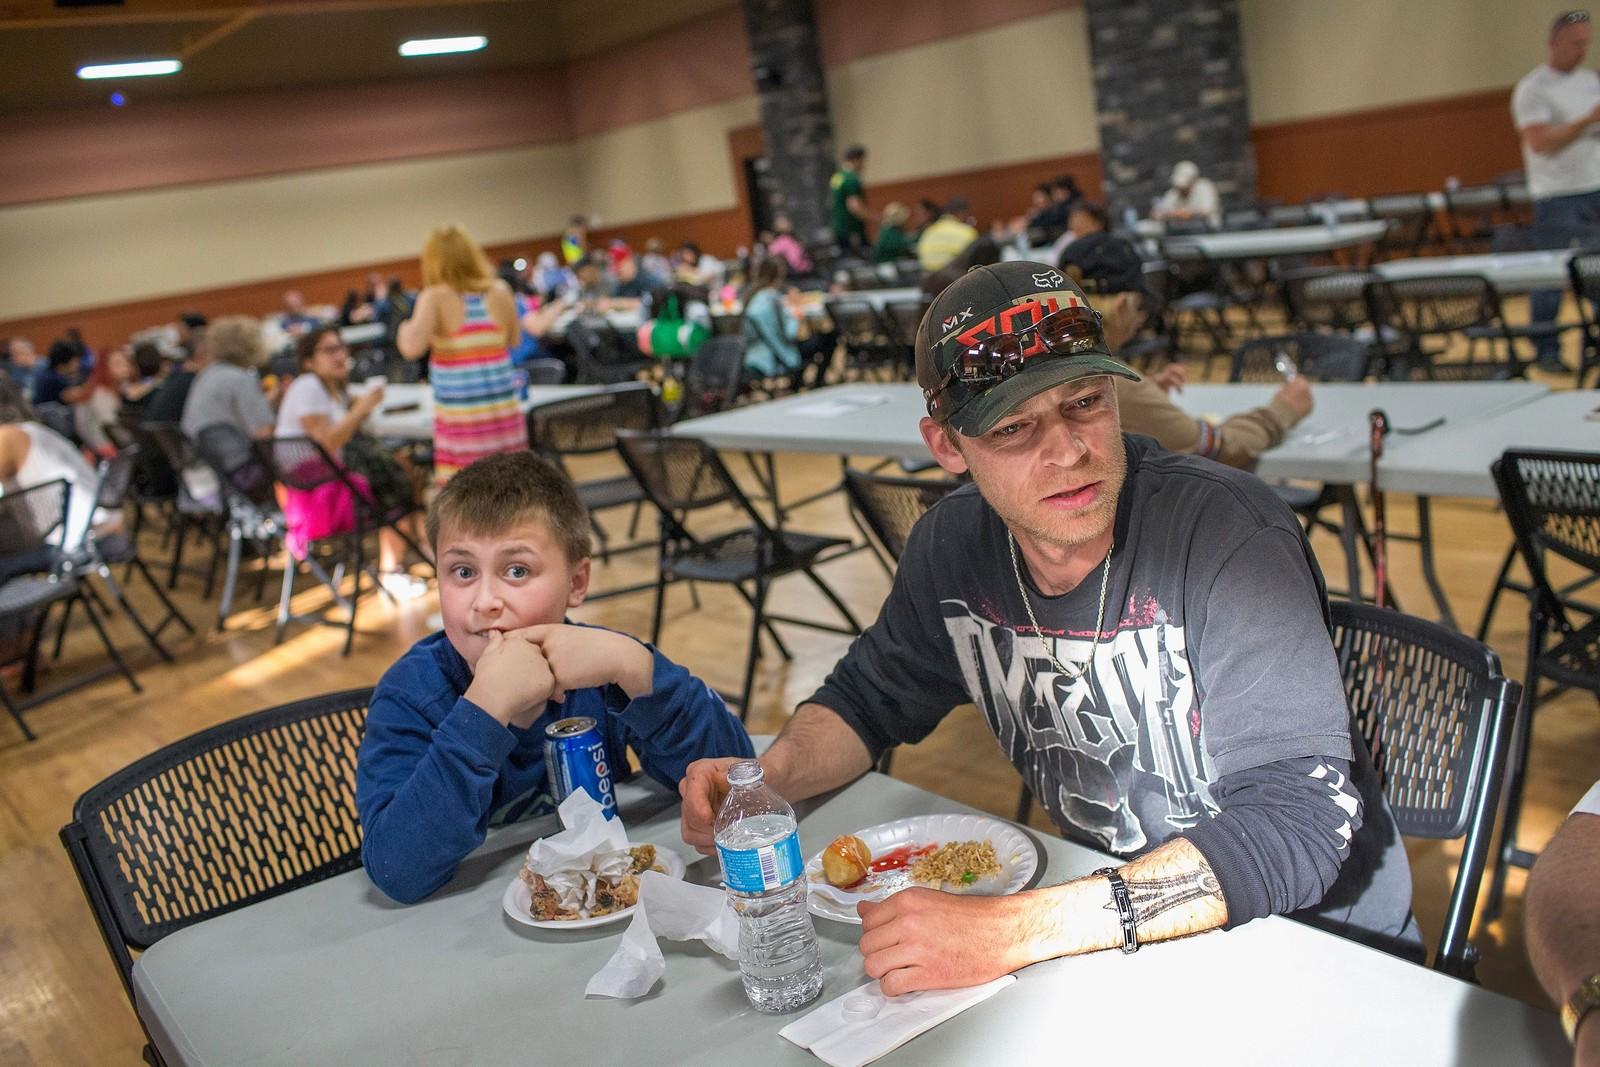 Chris Reid og sønnen Noah spiser middag ved senteret for de skogbrannevakuerte i Lac la Biche 7. mai. Over 80.000 mennesker er evakuert på grunn av skogbrannen som herjer utenfor Fort McMurray i Alberta i Canada.